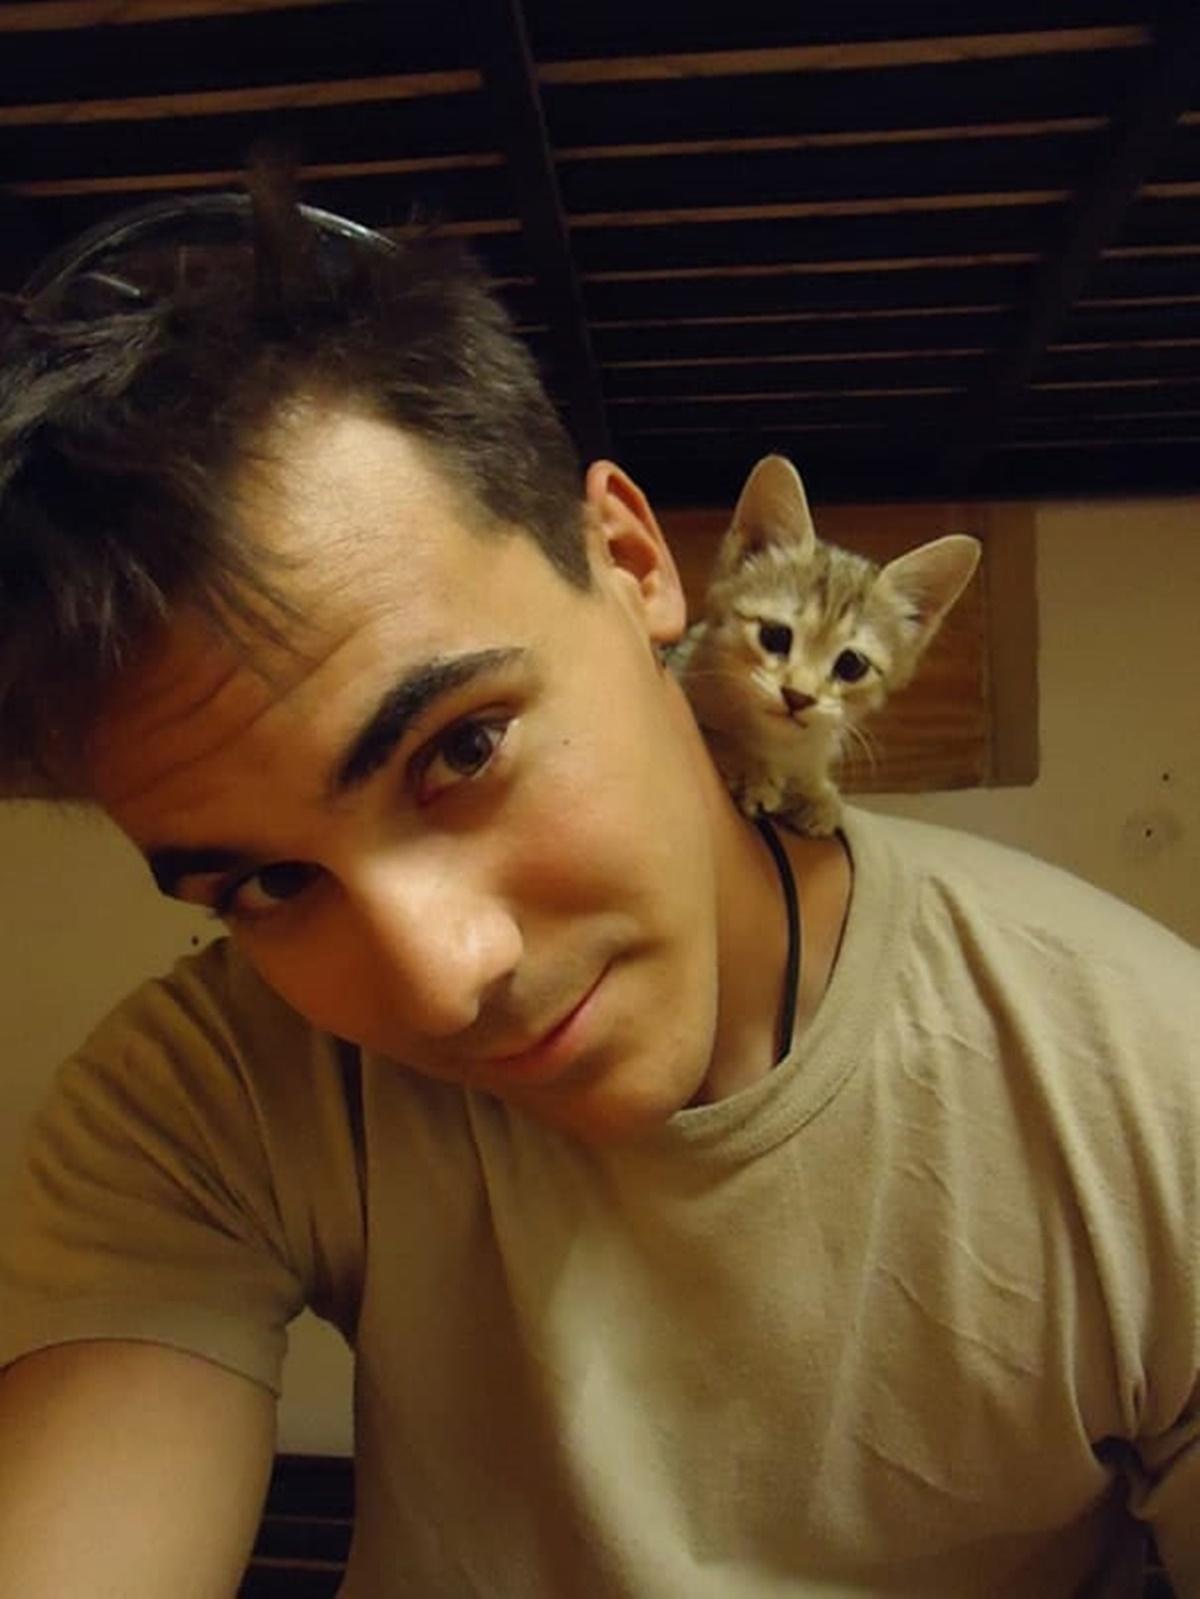 soldato e gatto in stanza